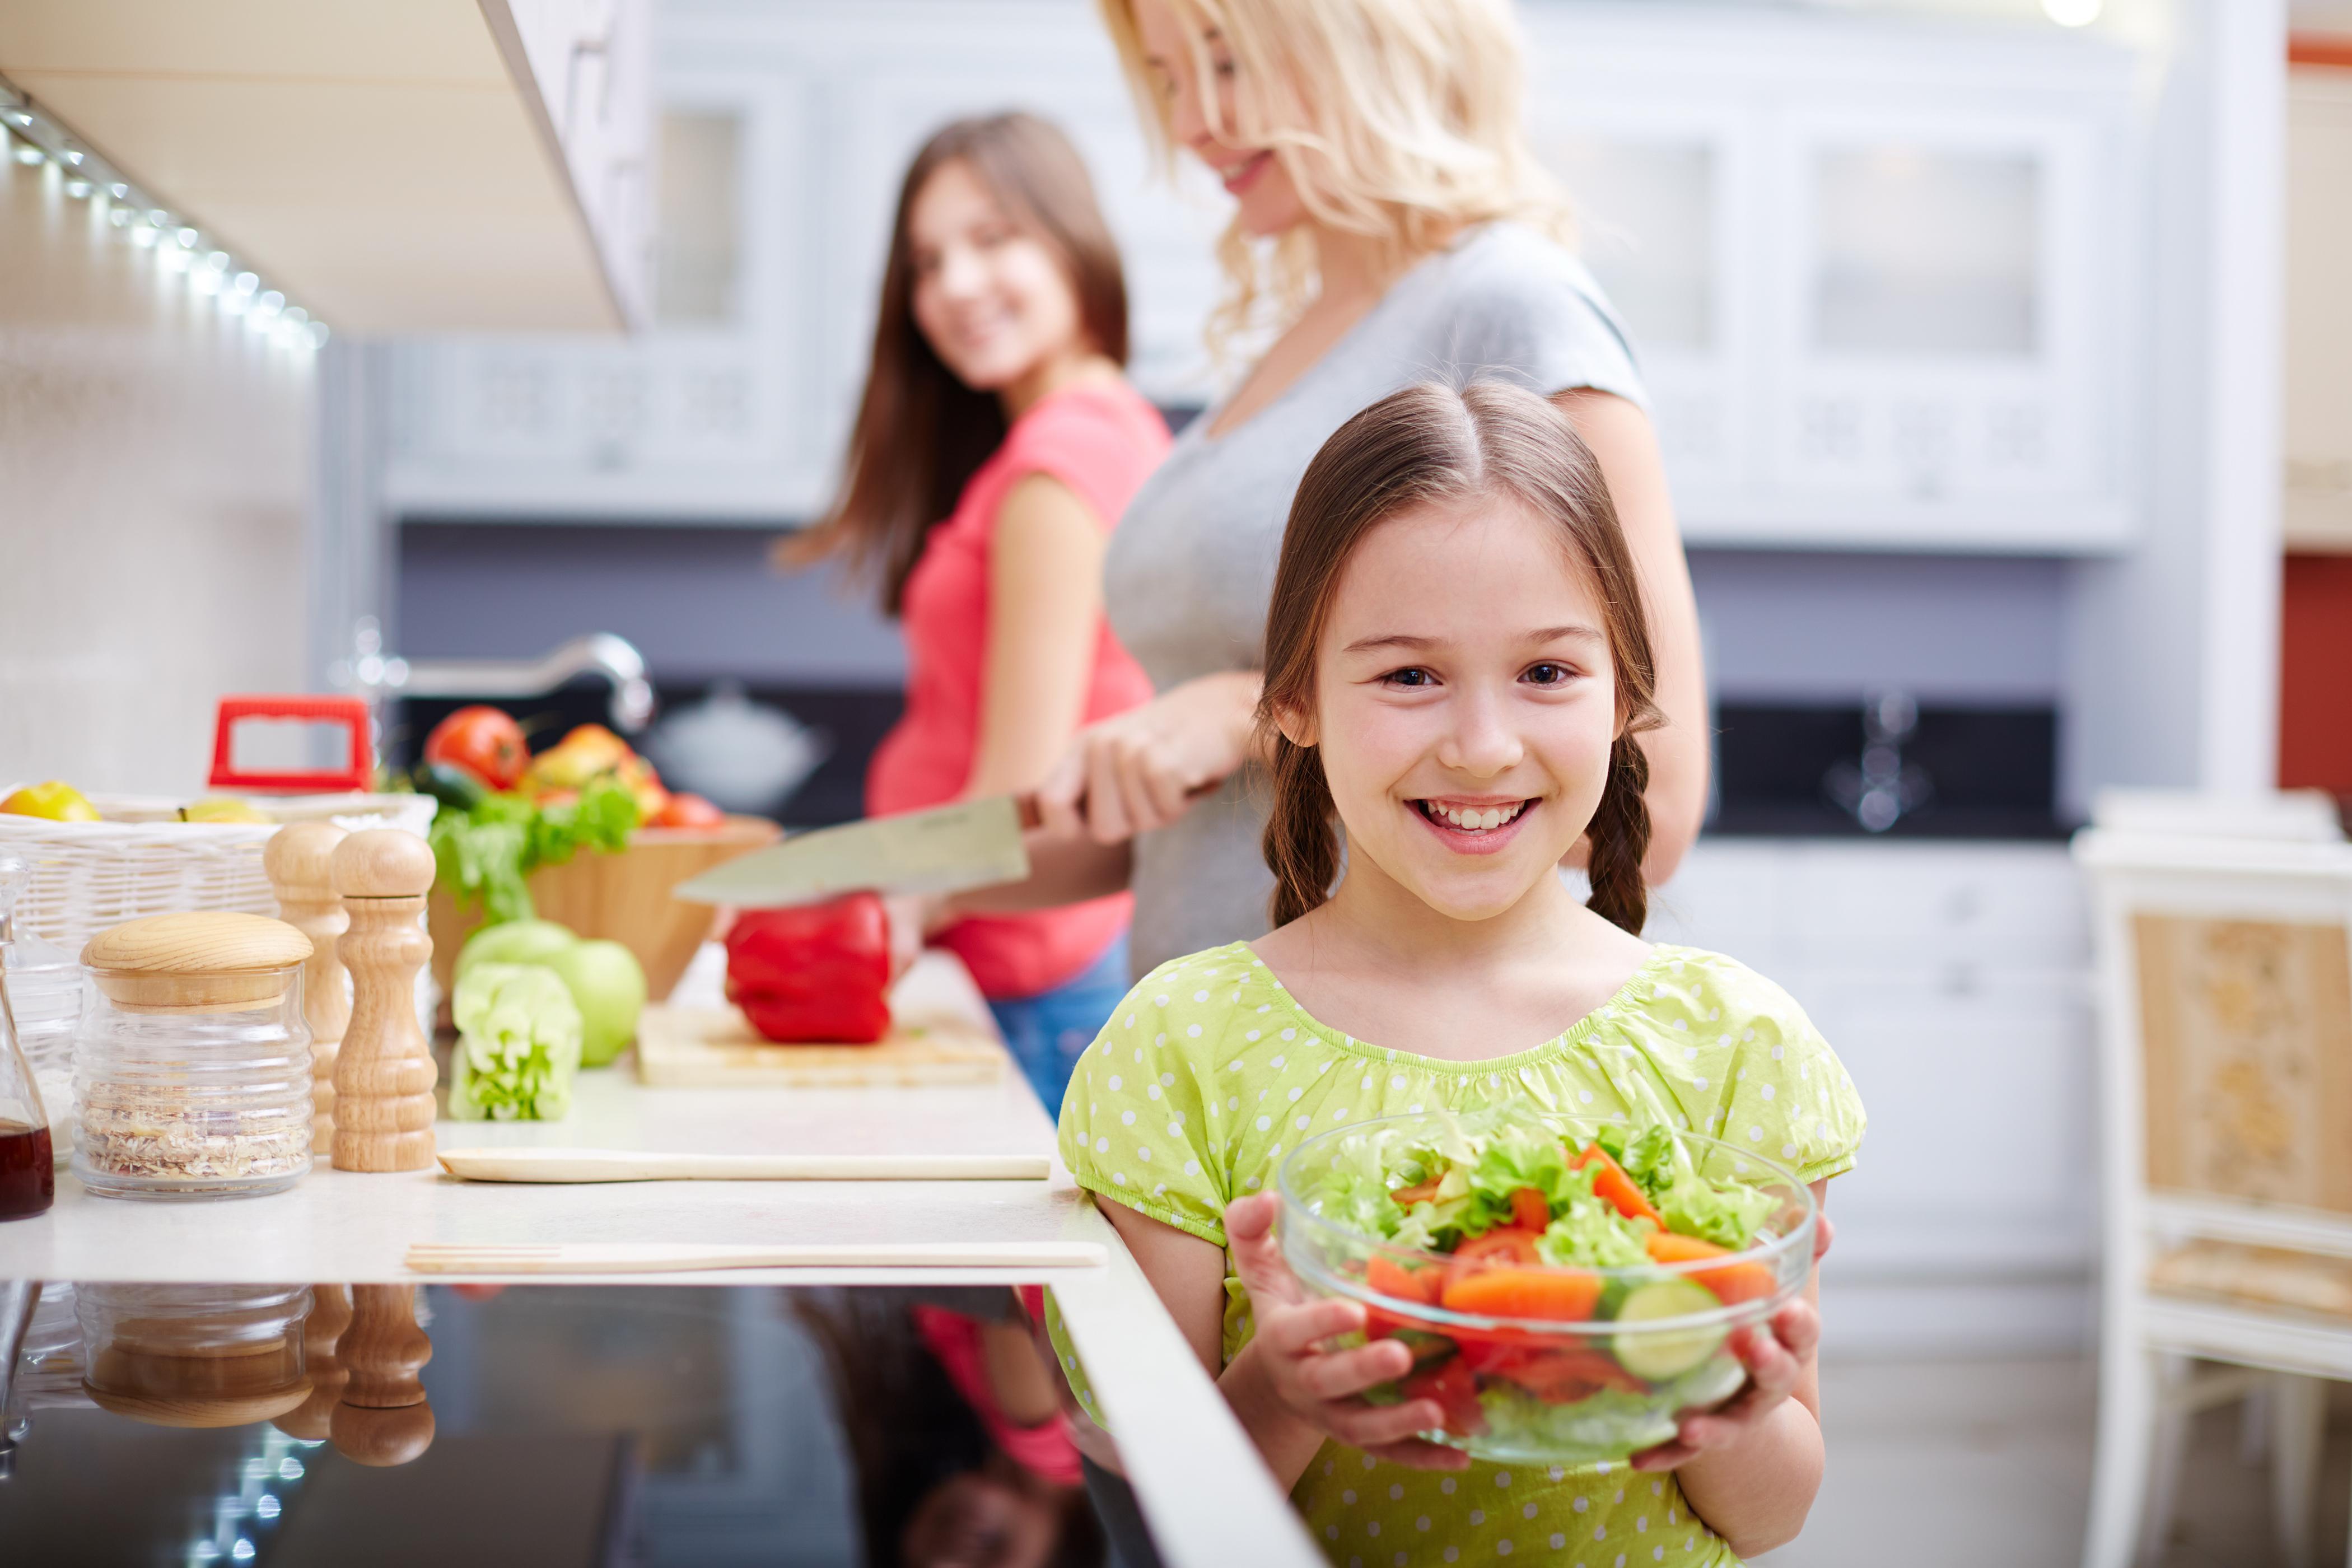 Zuccheri aggiunti nell'alimentazione dei bambini: rischi e raccomandazioni